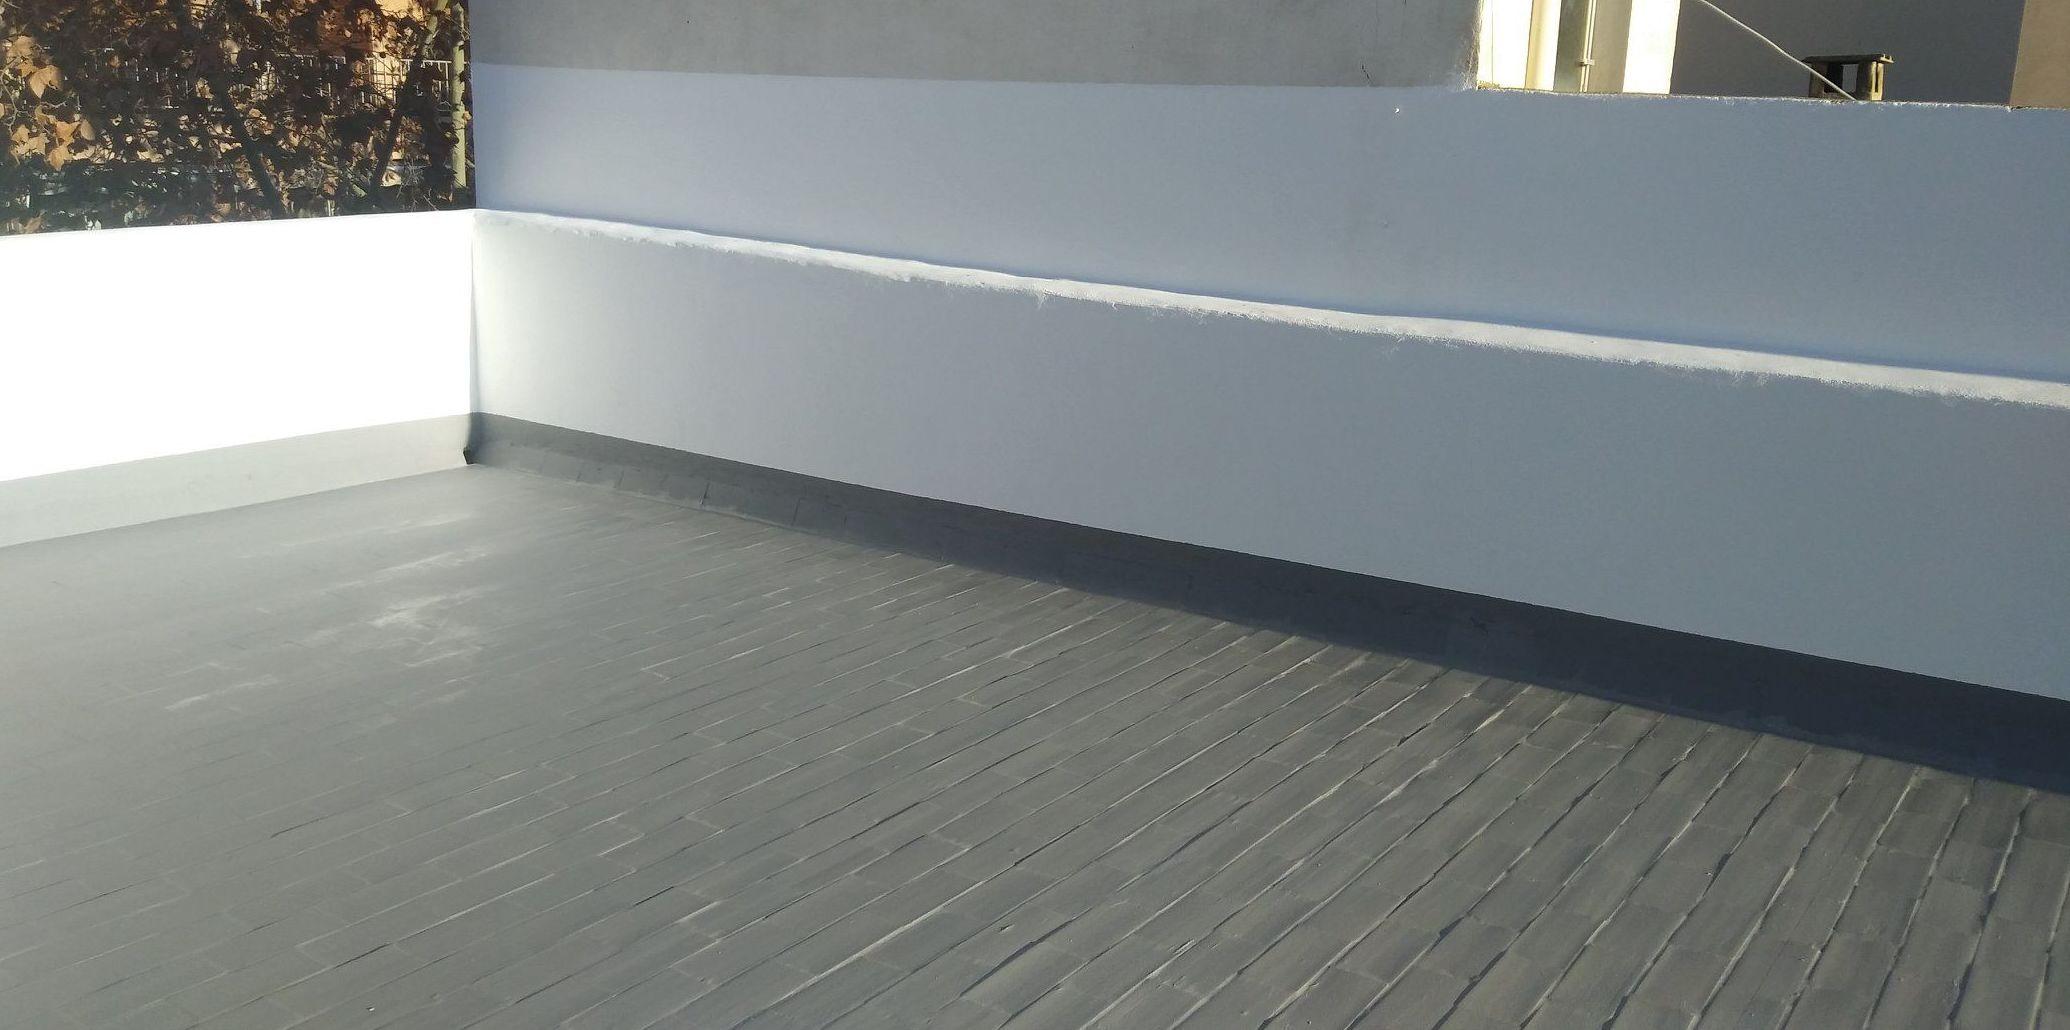 Aplicación de imprimación al suelo y paredes. Impermeabilización del suelo con caucho color gris, reforzado con malla de fibra de vidrio entre manos